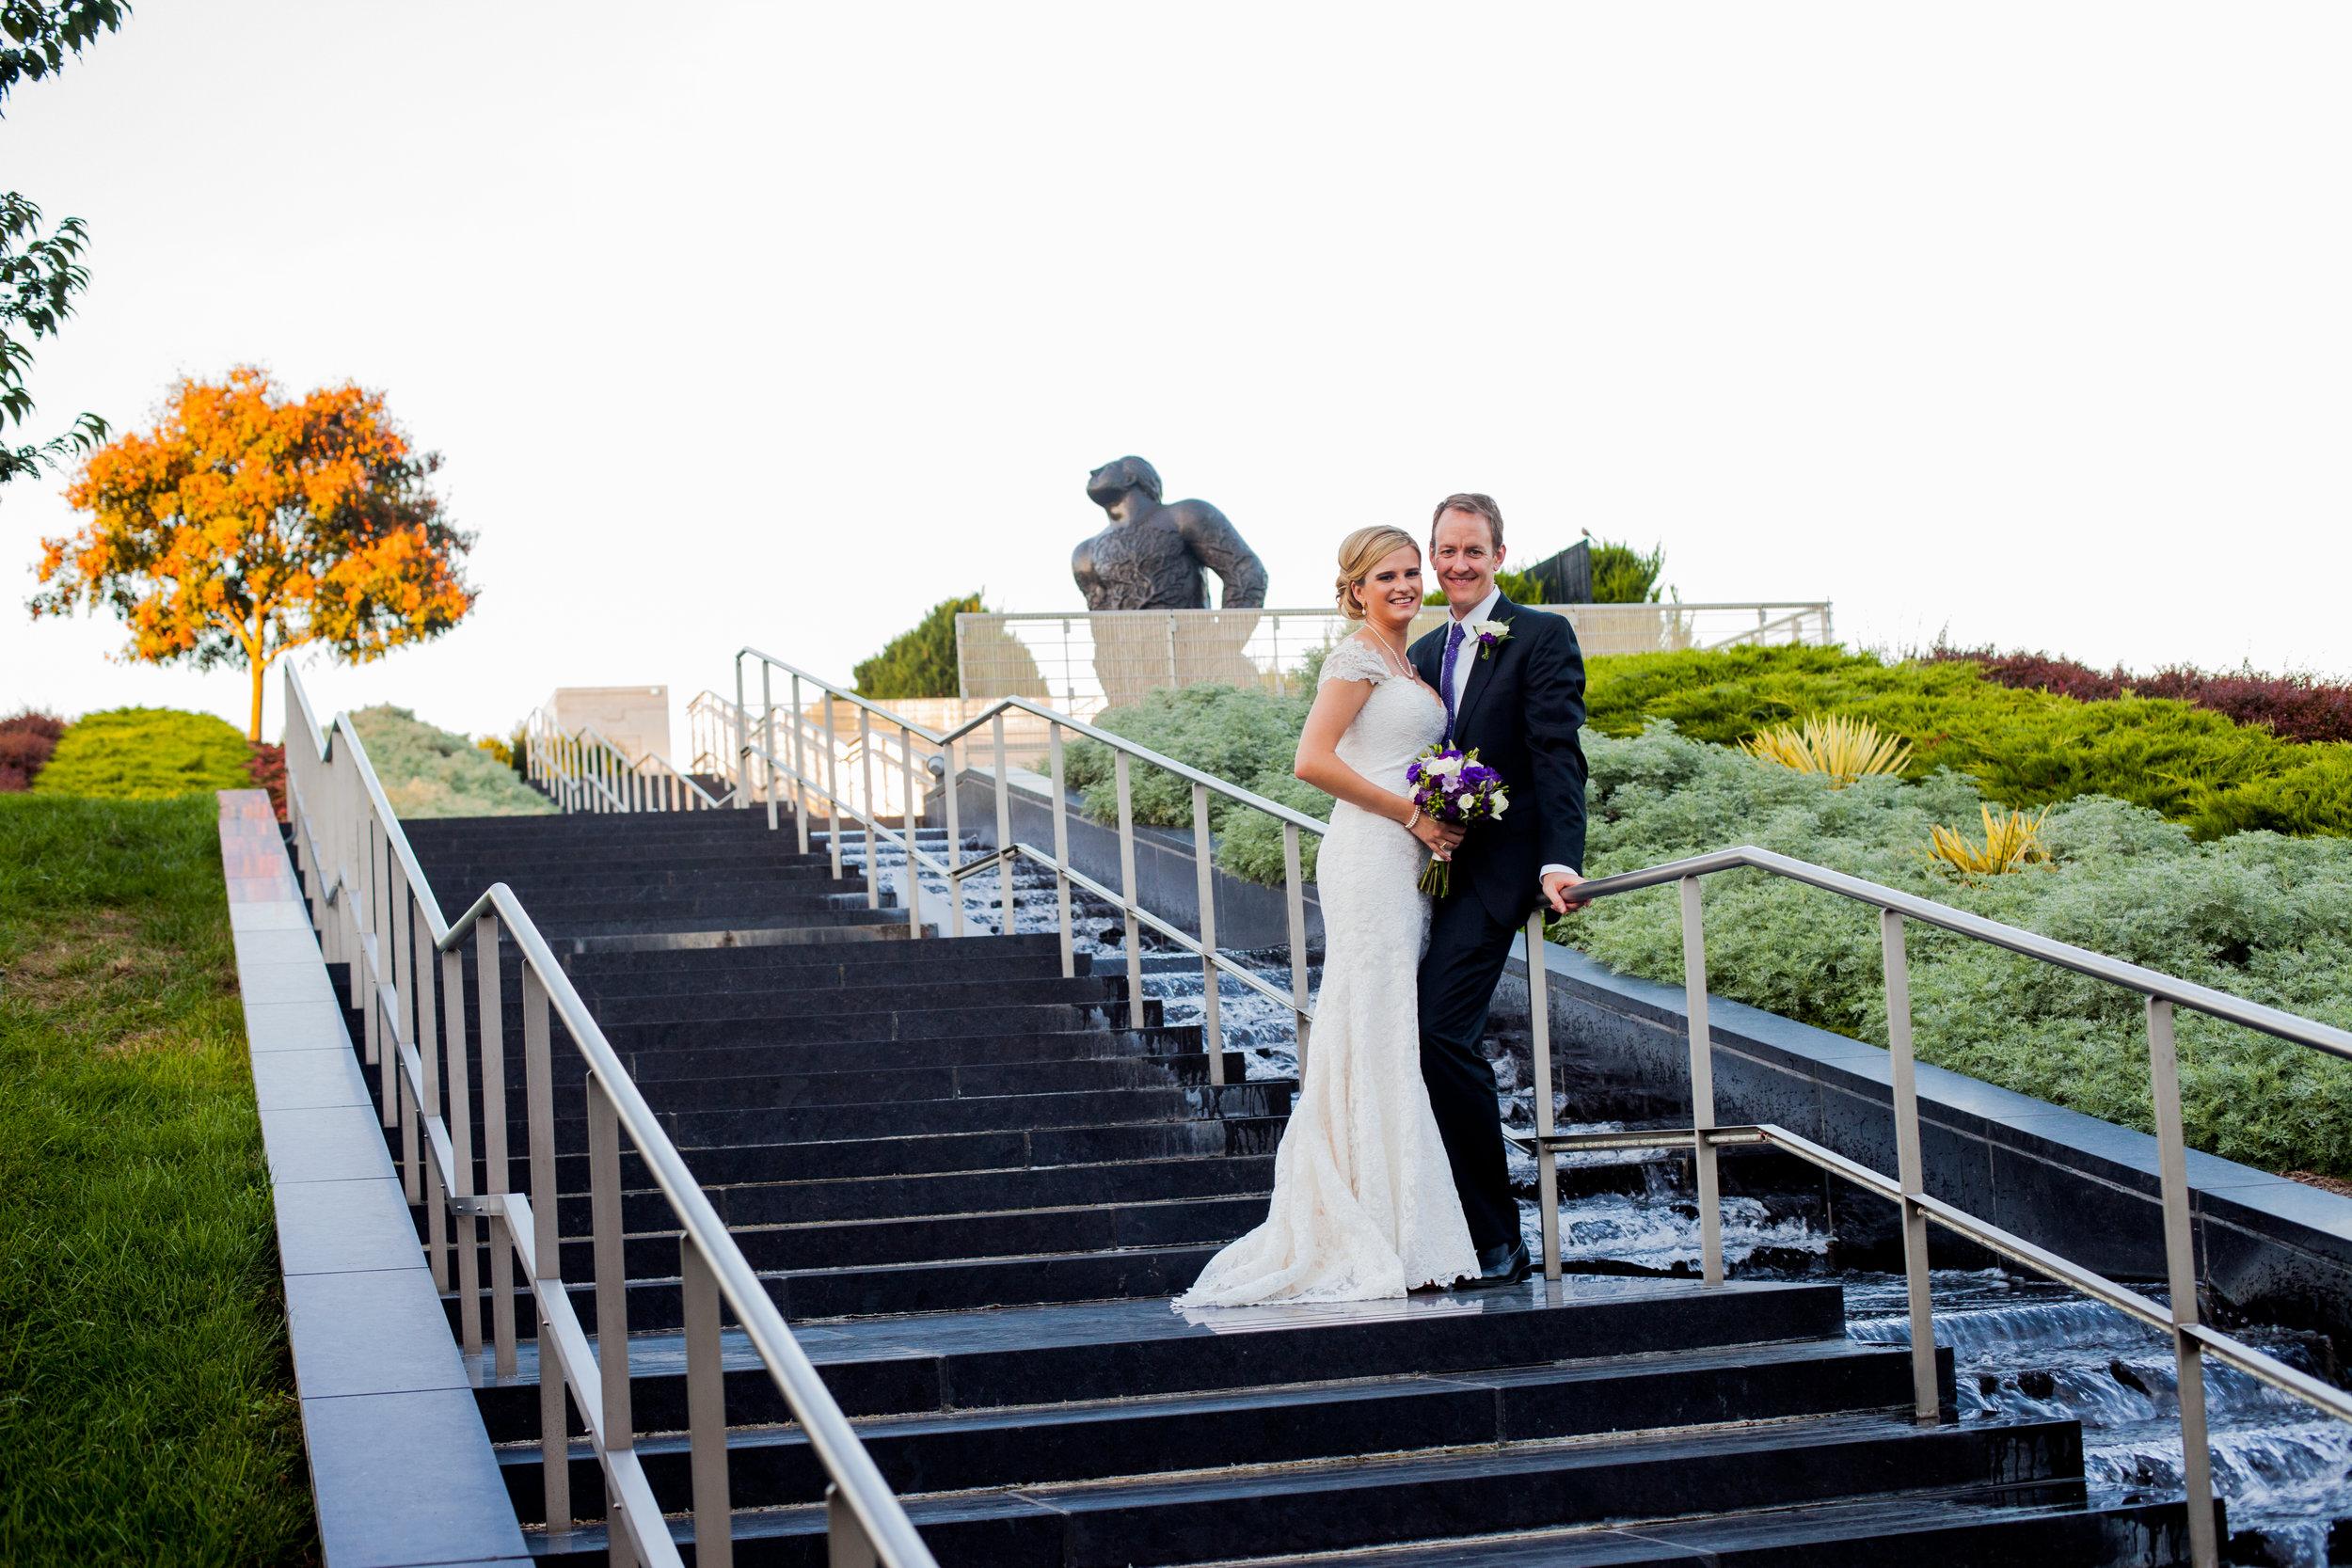 VMFA-Stairs-Wedding-Bride-Groom.jpg